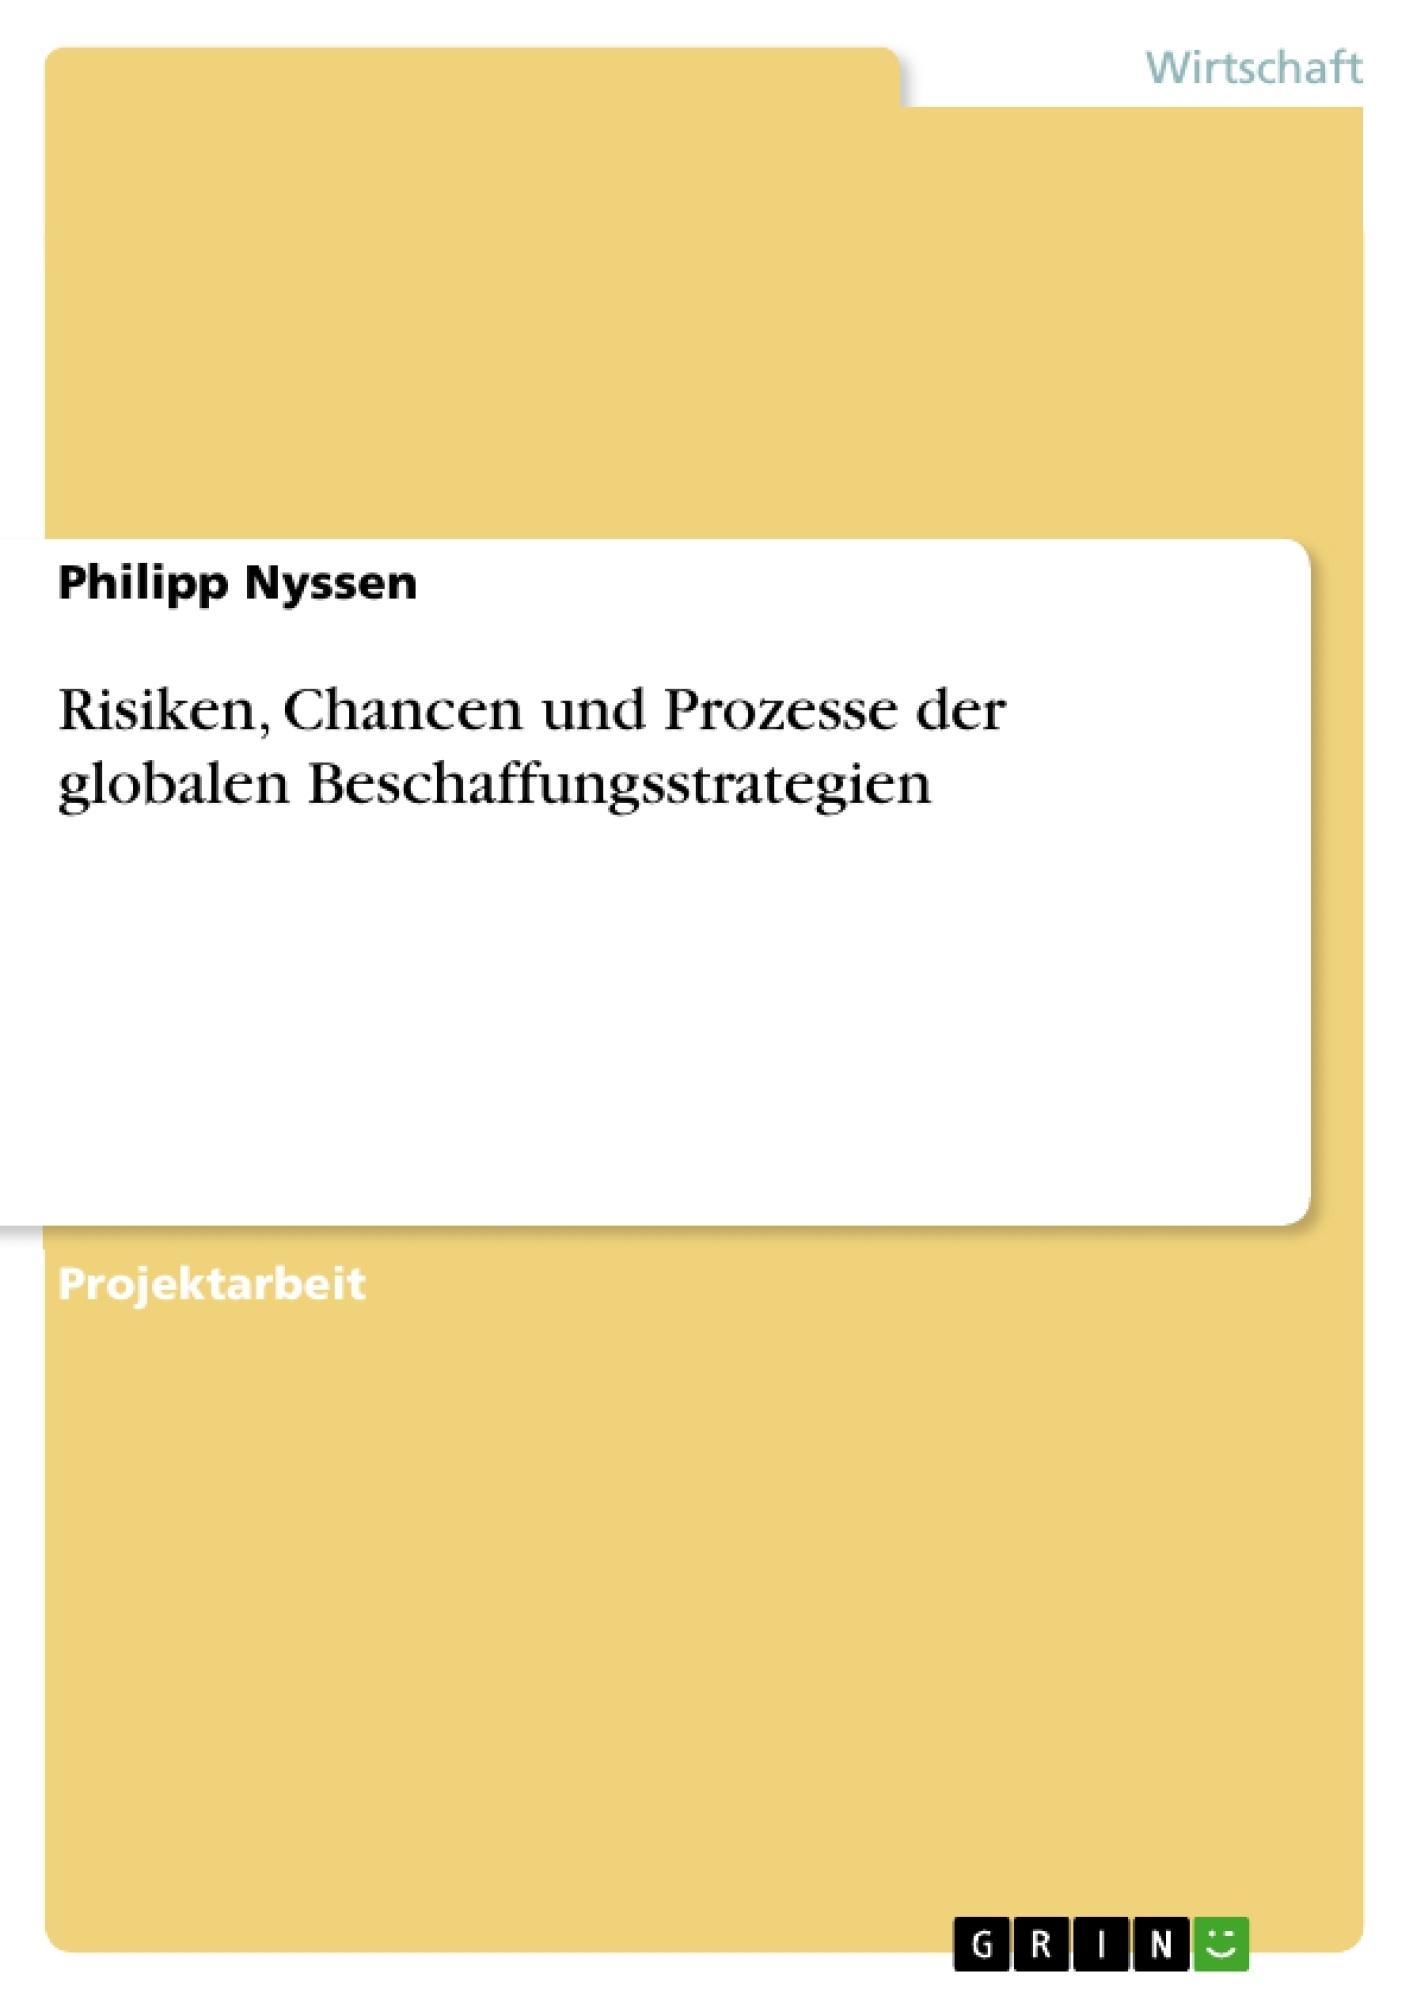 Titel: Risiken, Chancen und Prozesse der globalen Beschaffungsstrategien